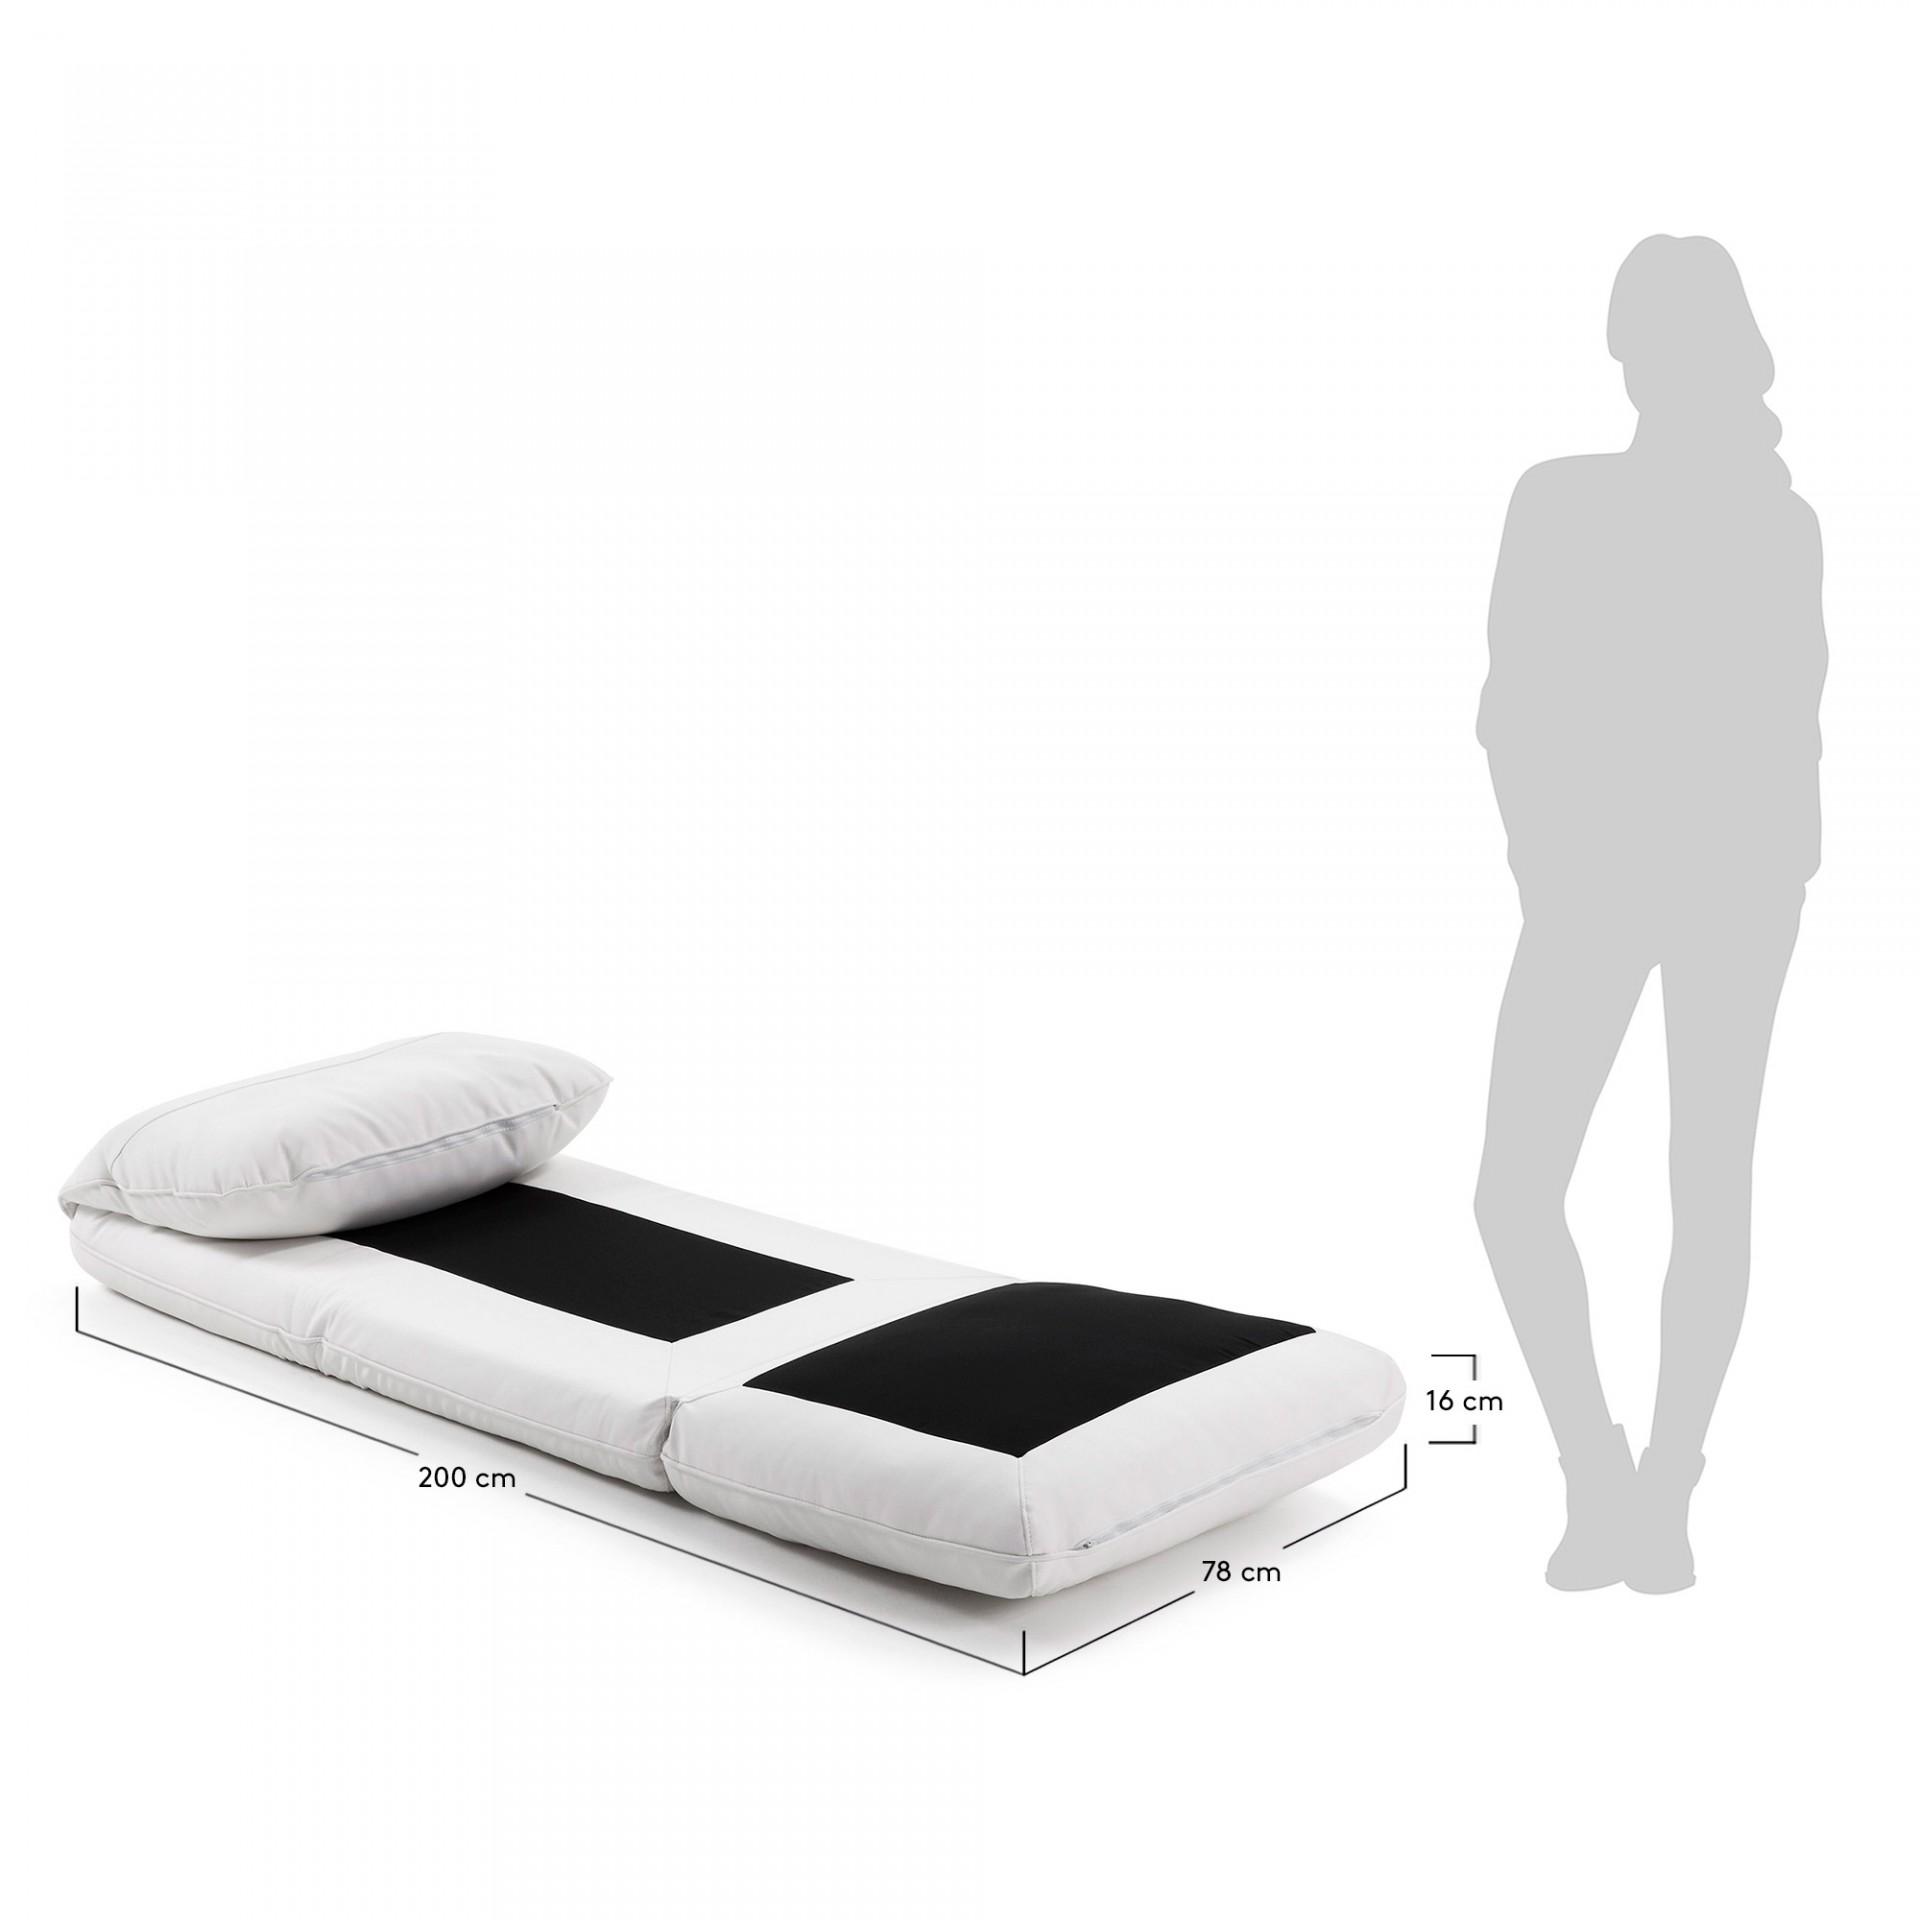 Pufe-cama Mass, pele sintética, branco